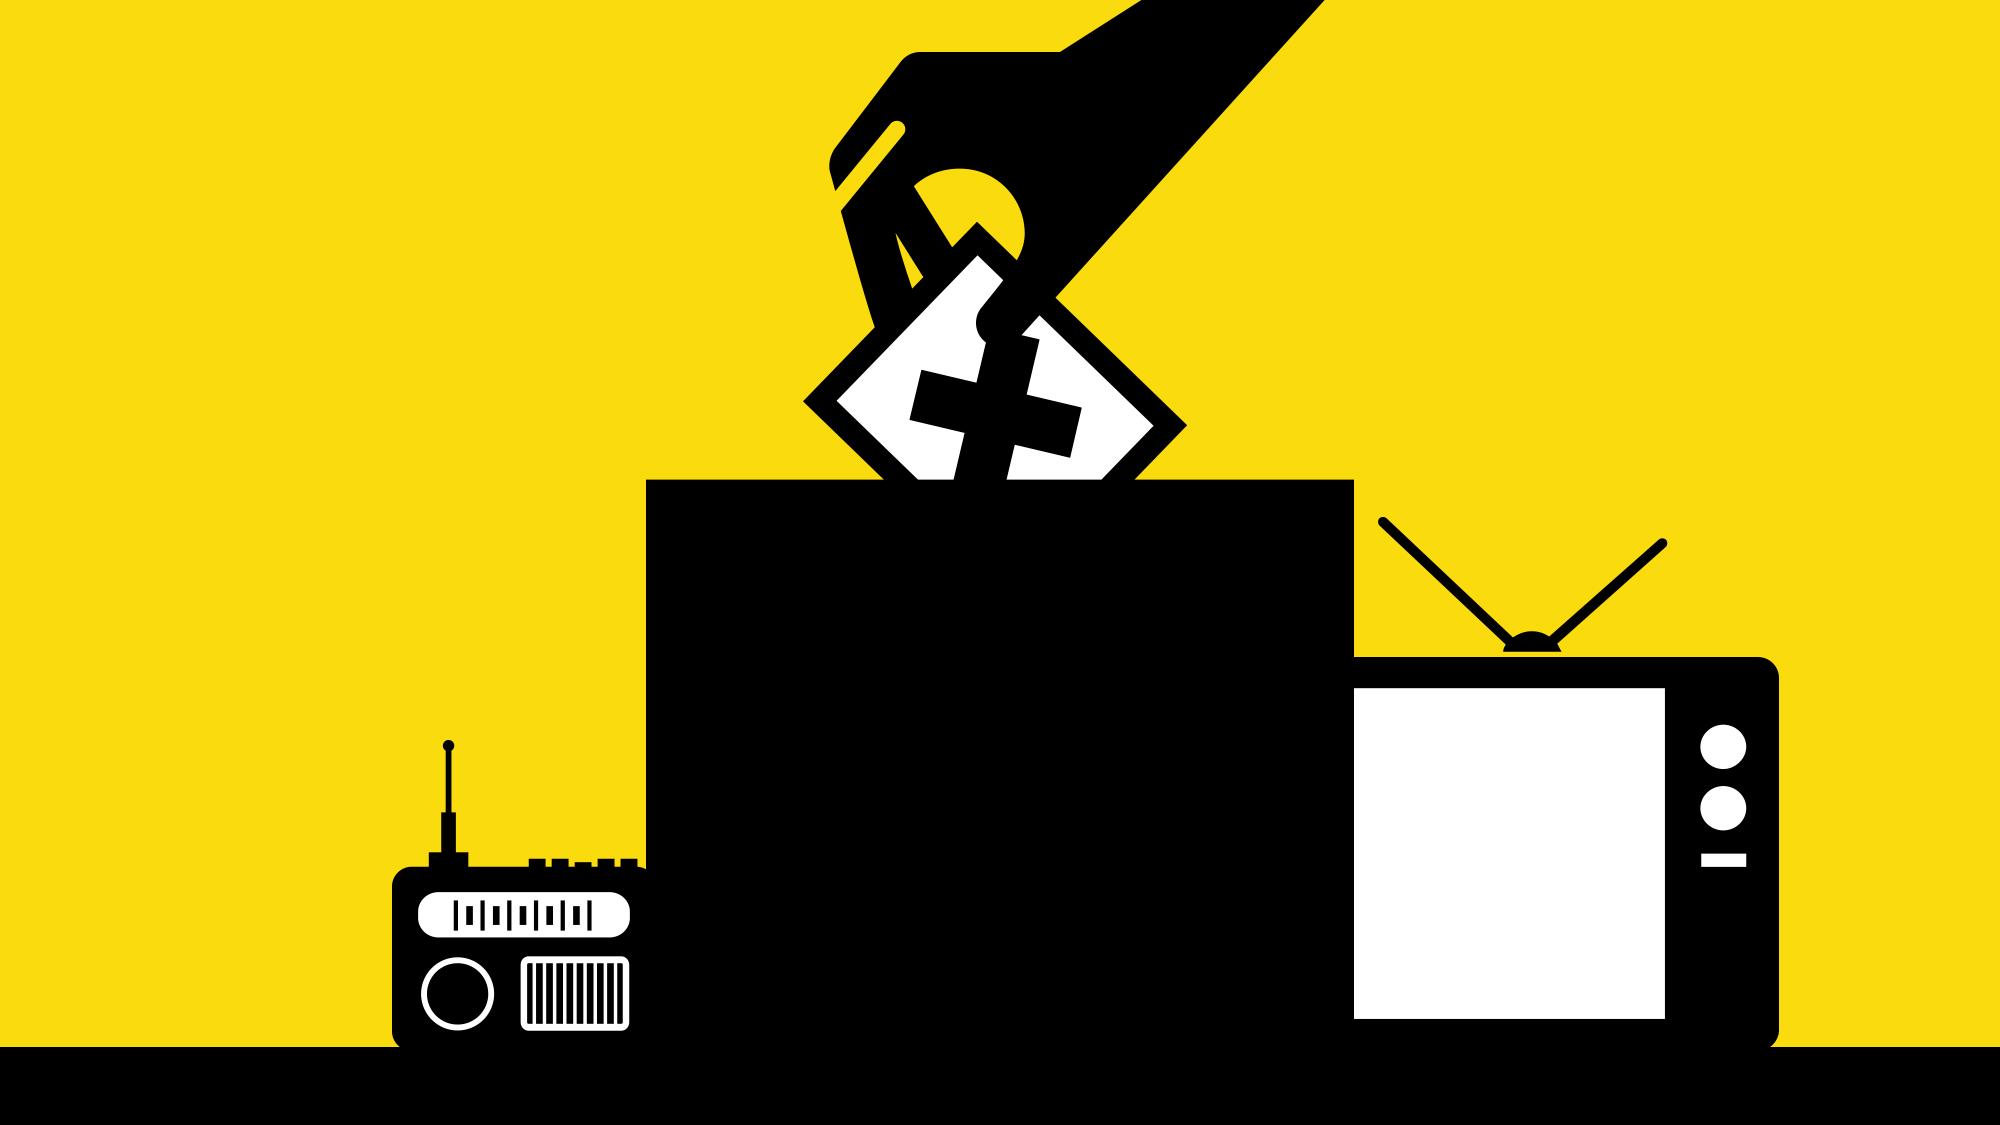 Das Volk versenkt No Billag und stärkt die SRG. Politik und Verbände machen weiter Druck.